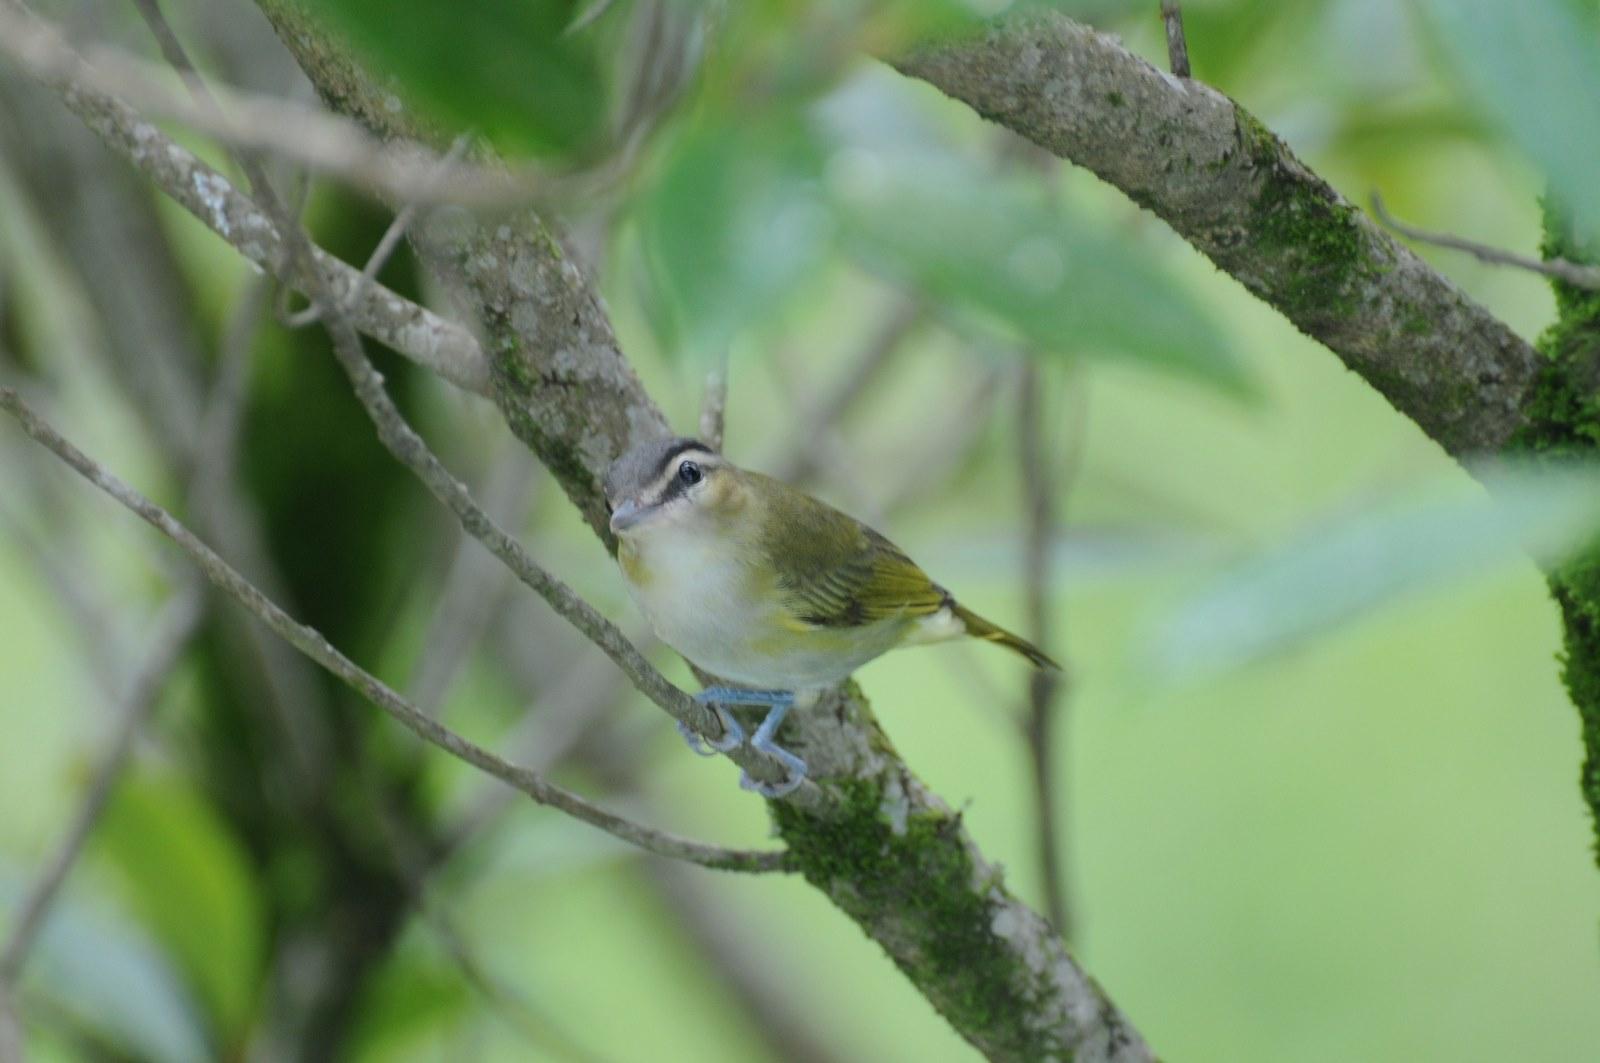 Animais - Pássaro - Sustentabilidade